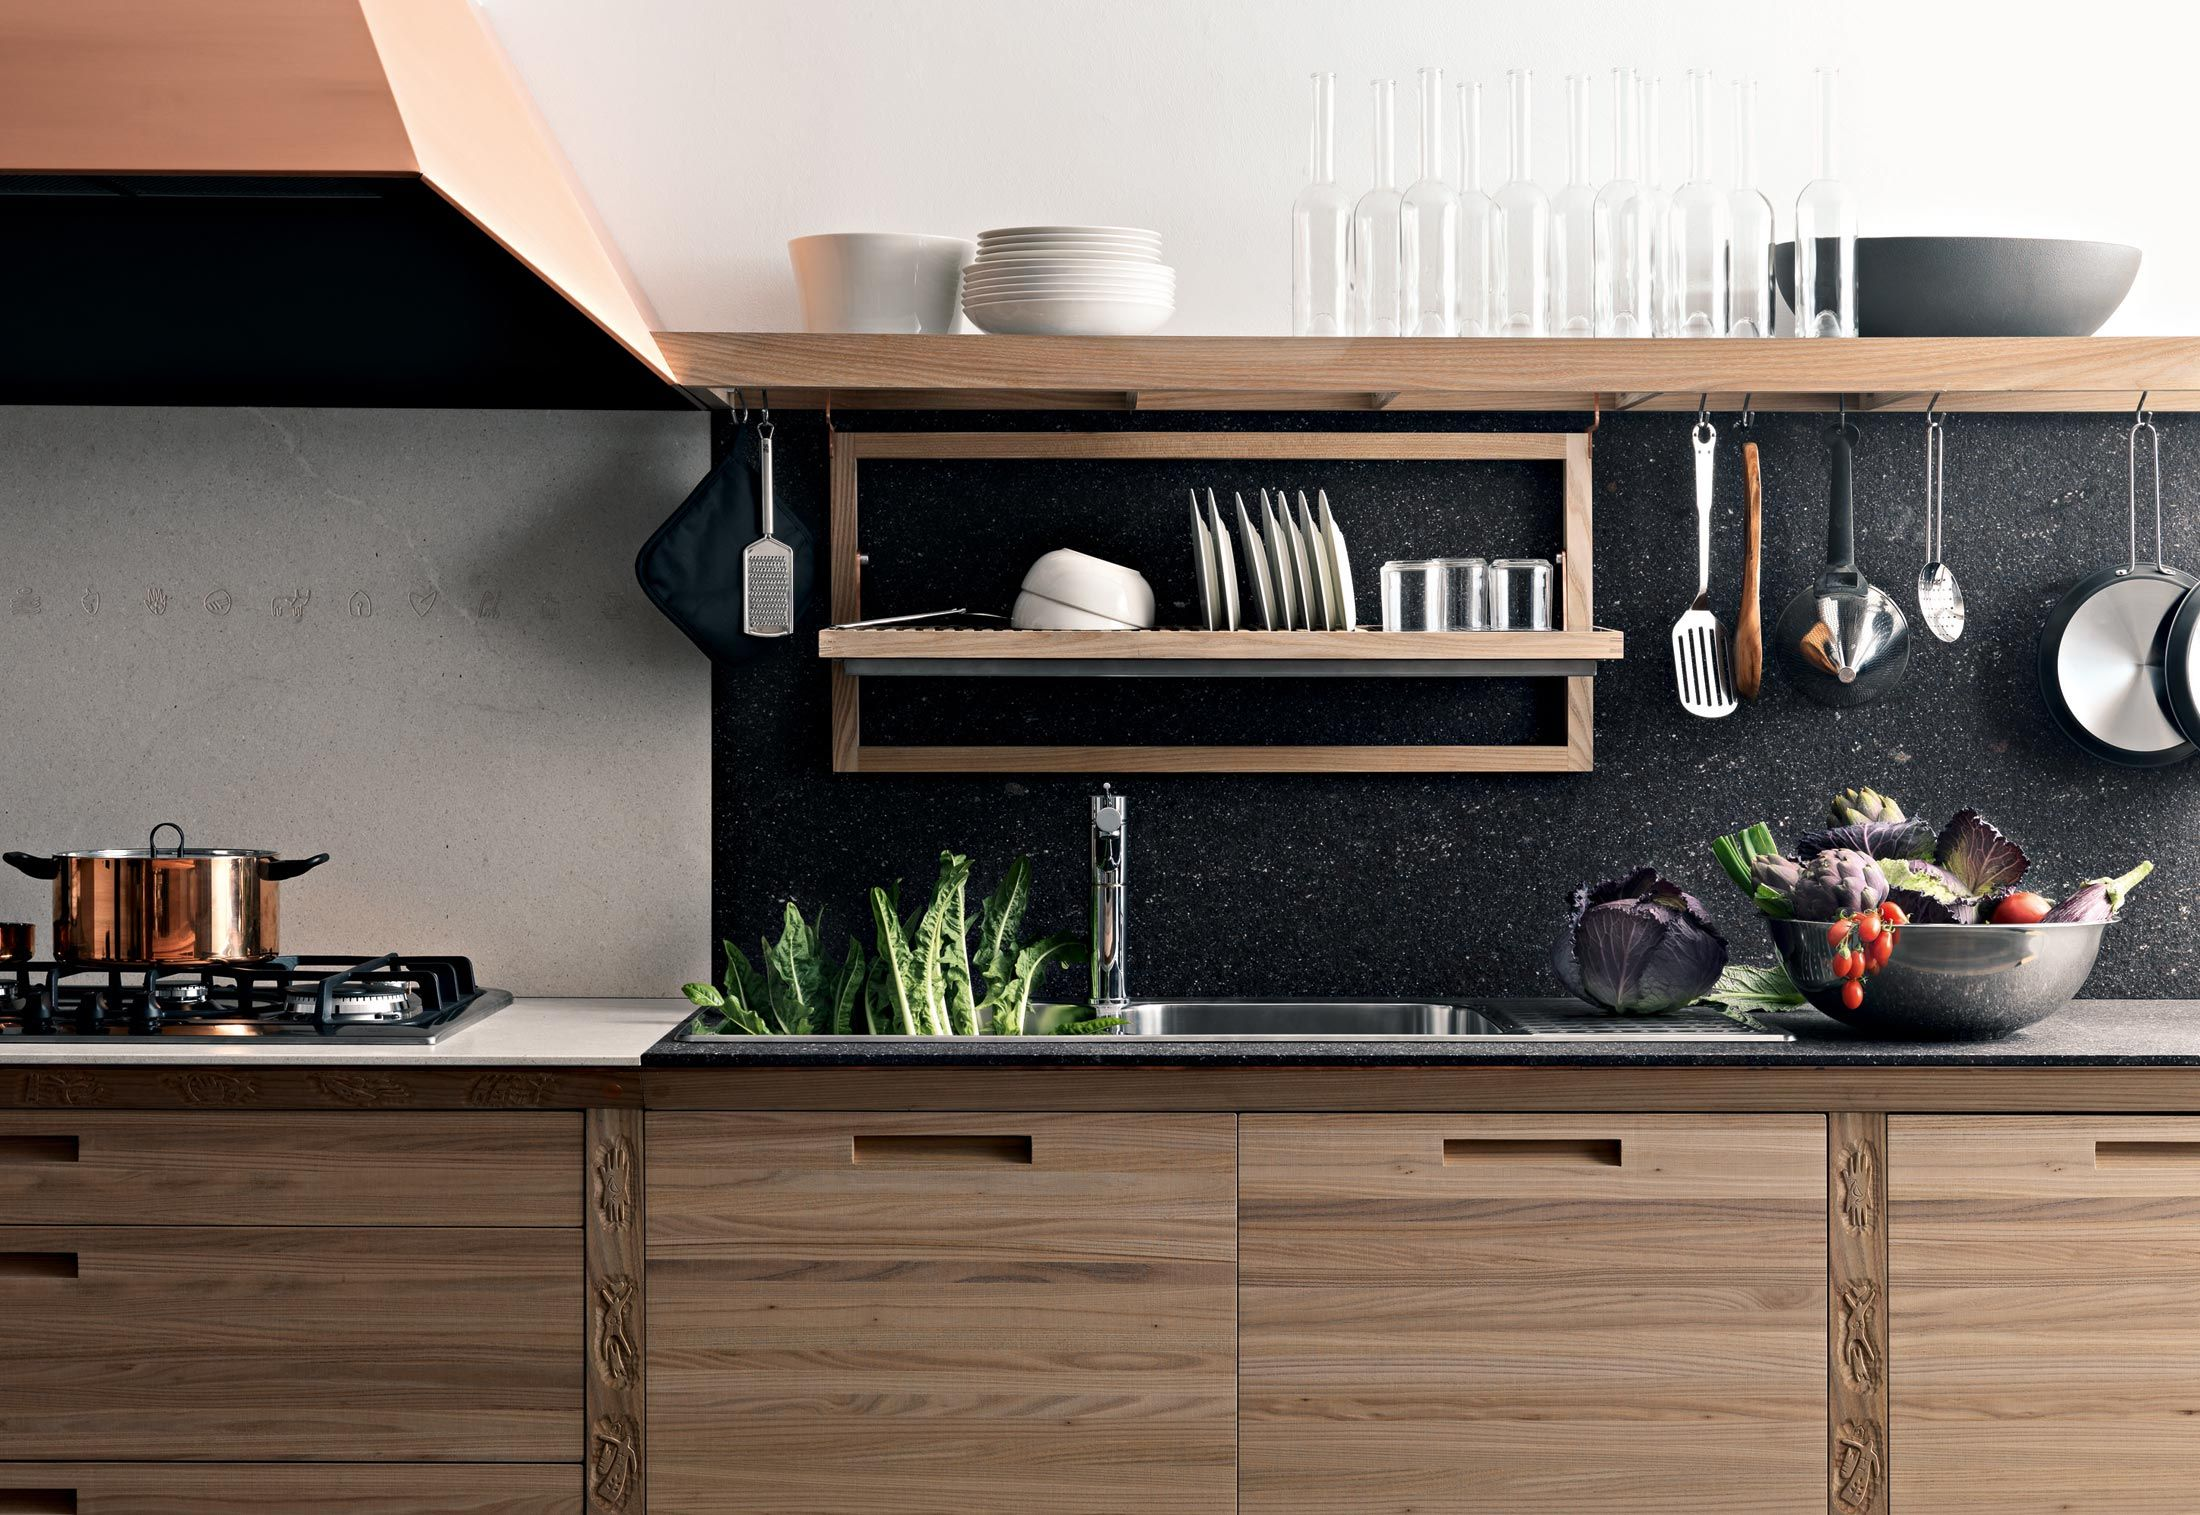 Sinetempore By Valcucine Fitted Kitchens Design At Stylepark Italian Kitchen Design Modern Kitchen Kitchen Interior